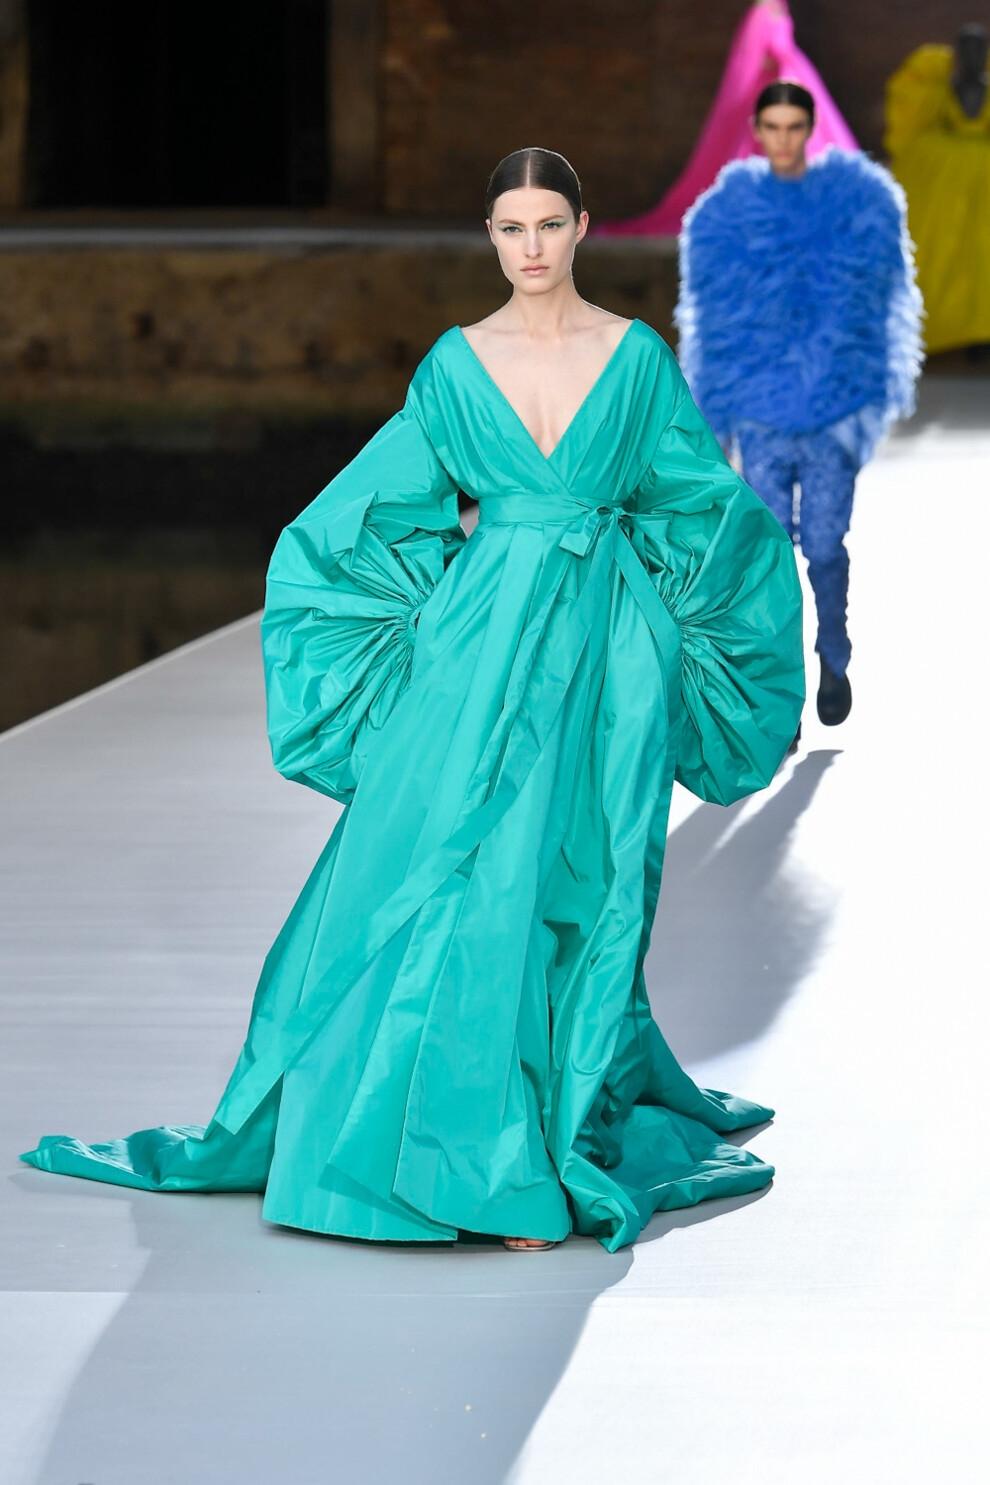 Шляпы с перьями и много цвета в новой коллекции Valentino Haute Couture (ФОТО) - фото №6